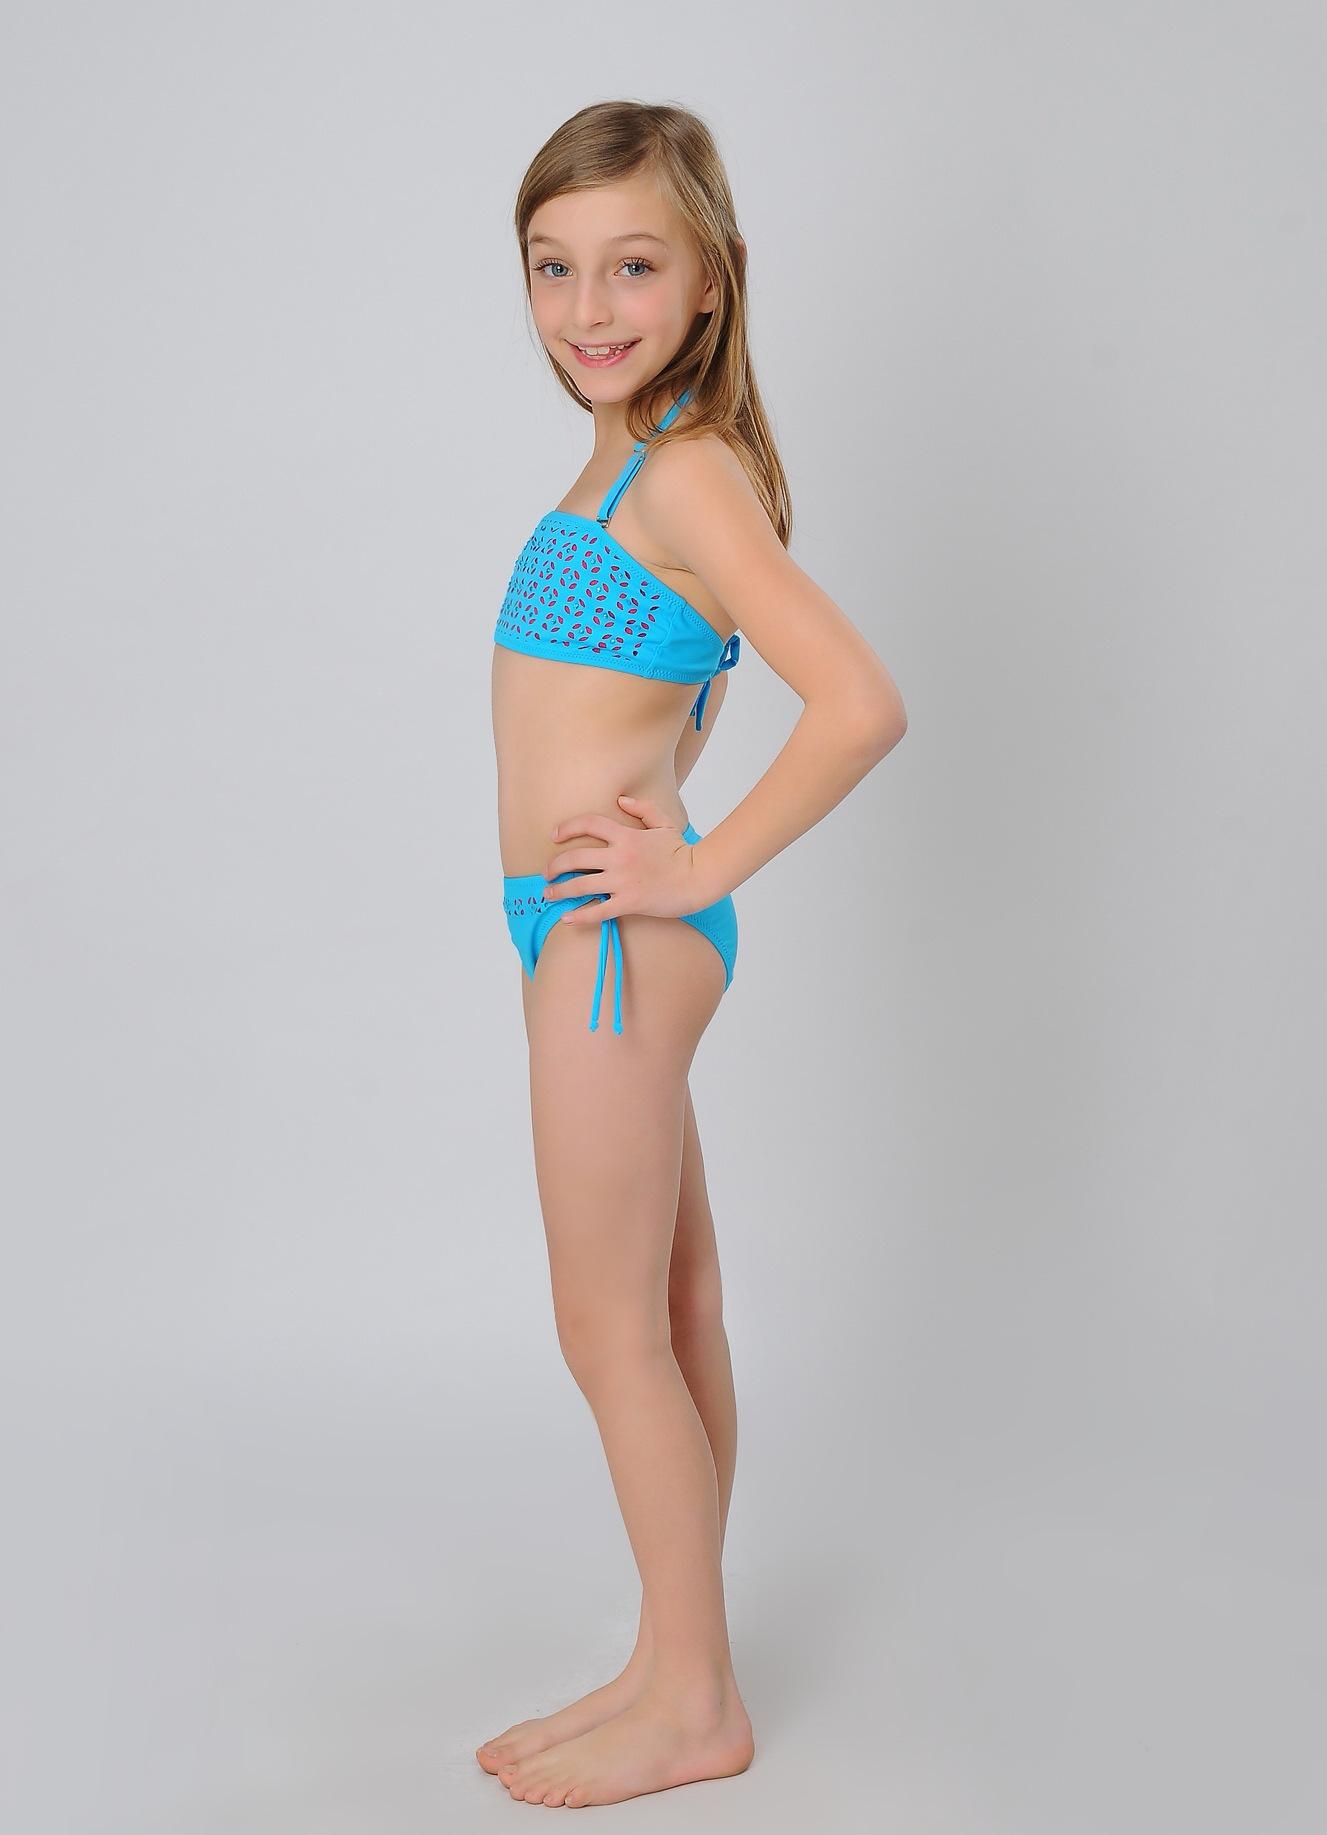 Little Girls in Swimwear Little Girls Swimwear 2